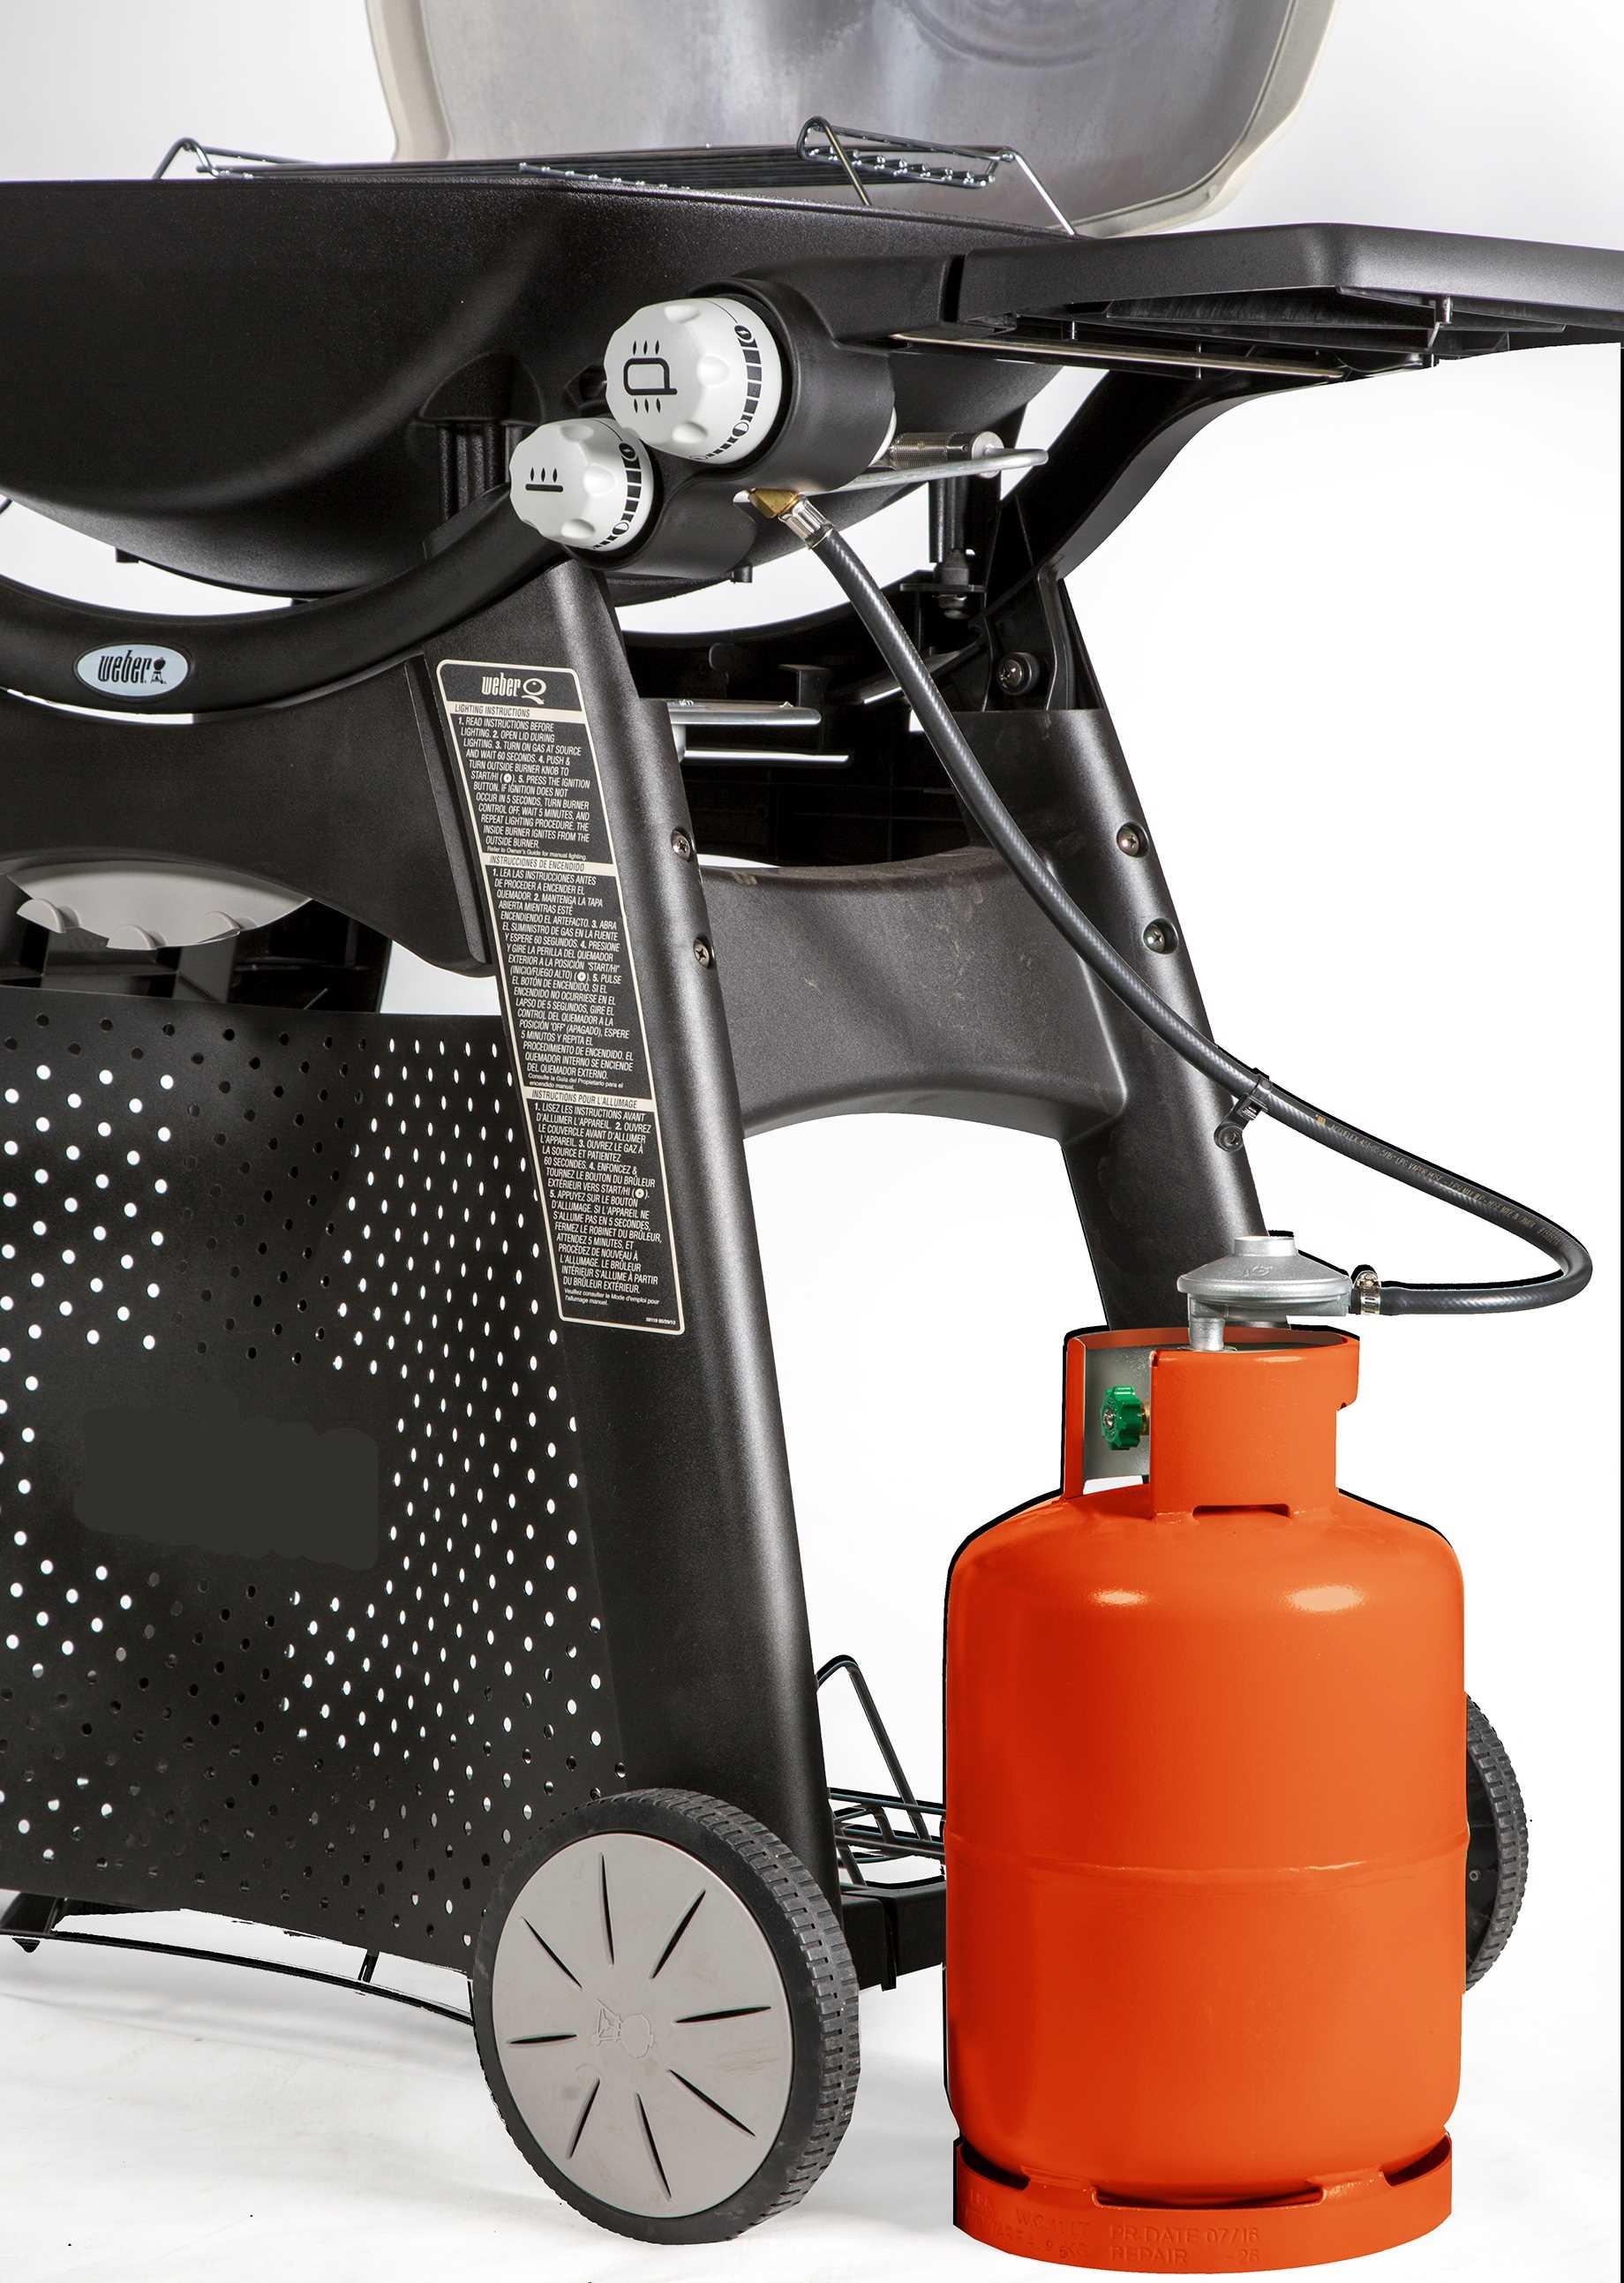 גריל גז דגם Q3200 מורכב תוצרת WEBER וובר - תמונה 5